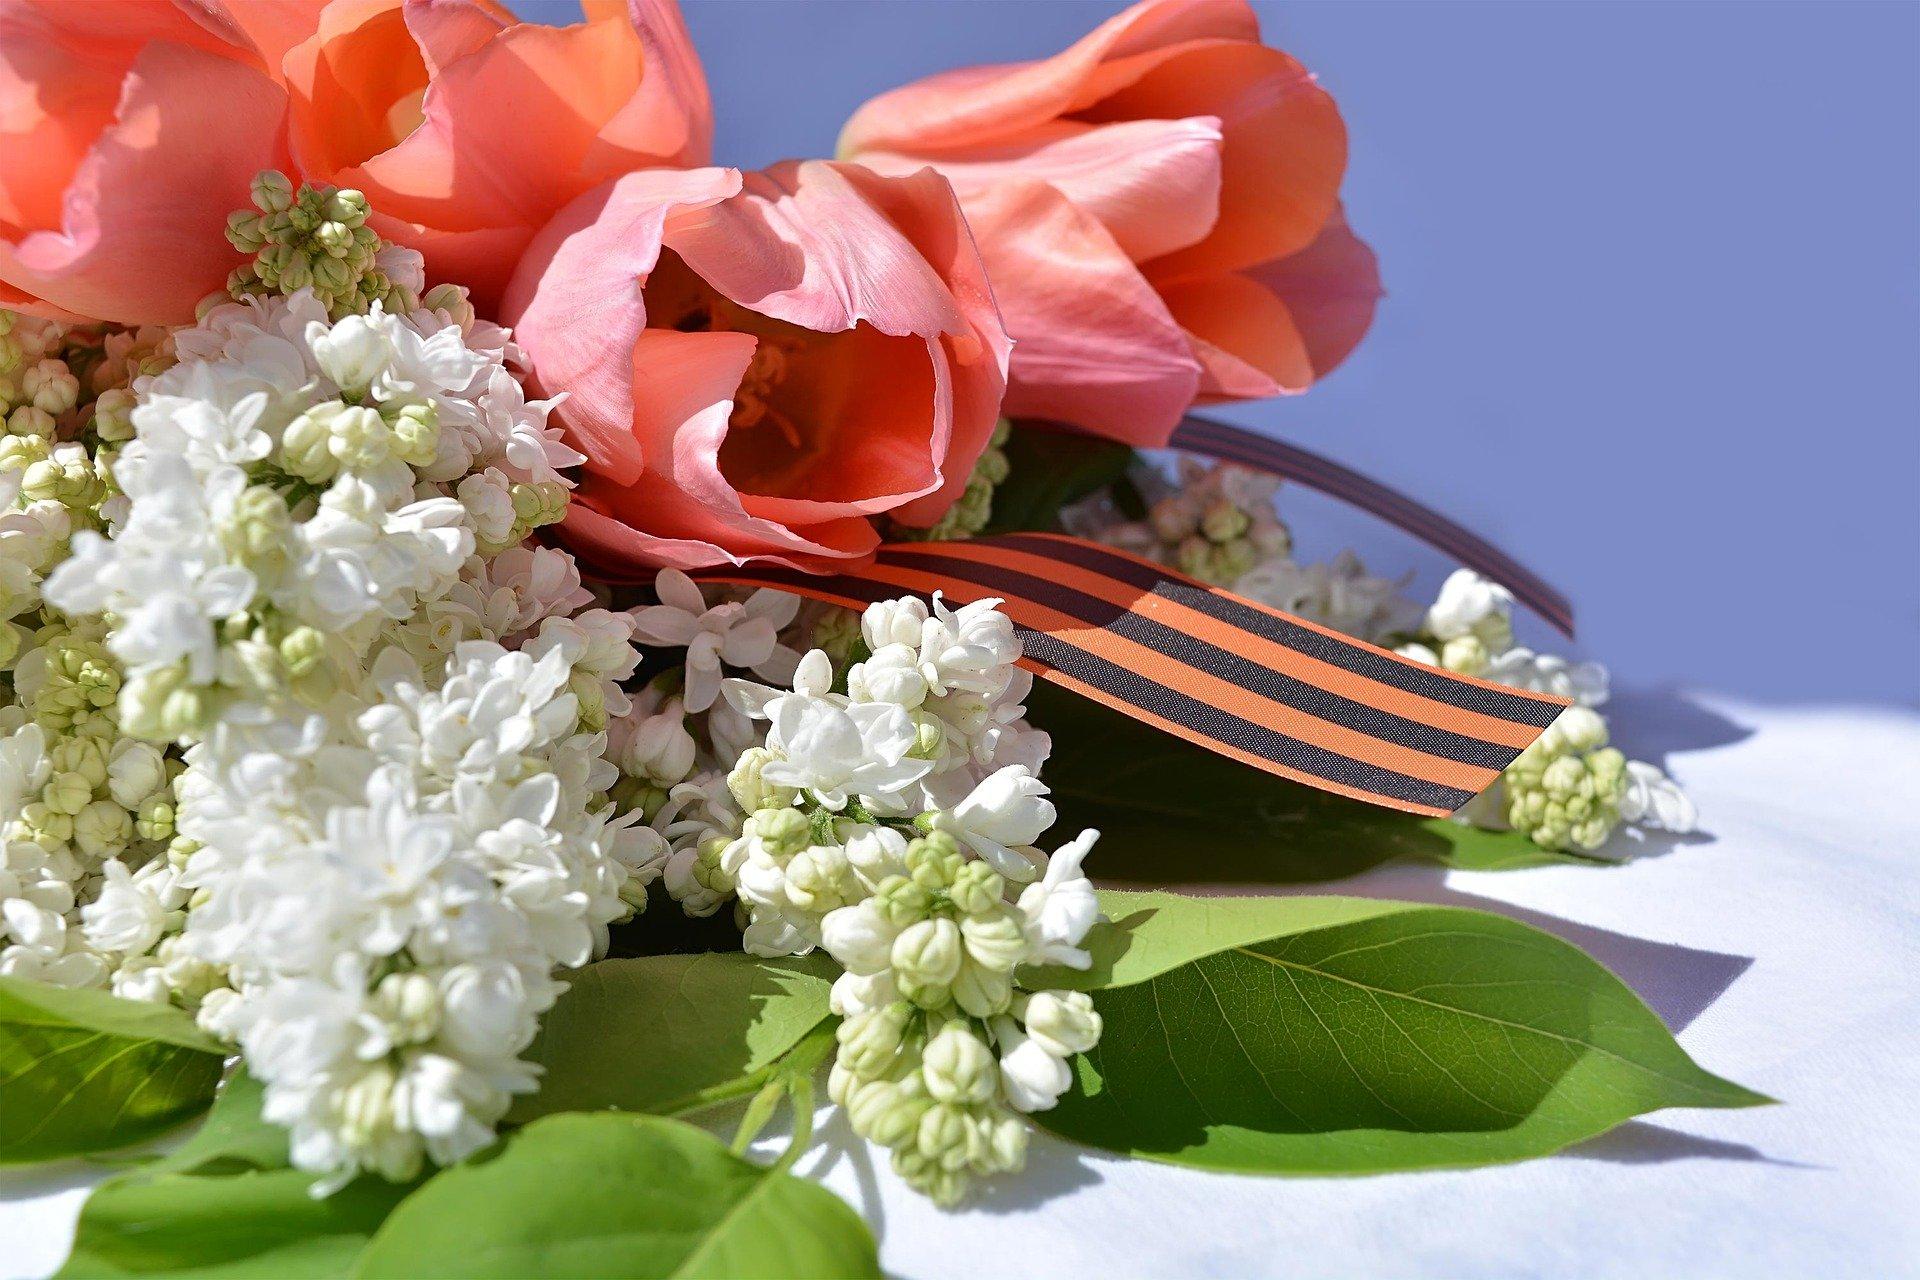 27 апреля на Кубани стартует Международная акция «Георгиевская ленточка»